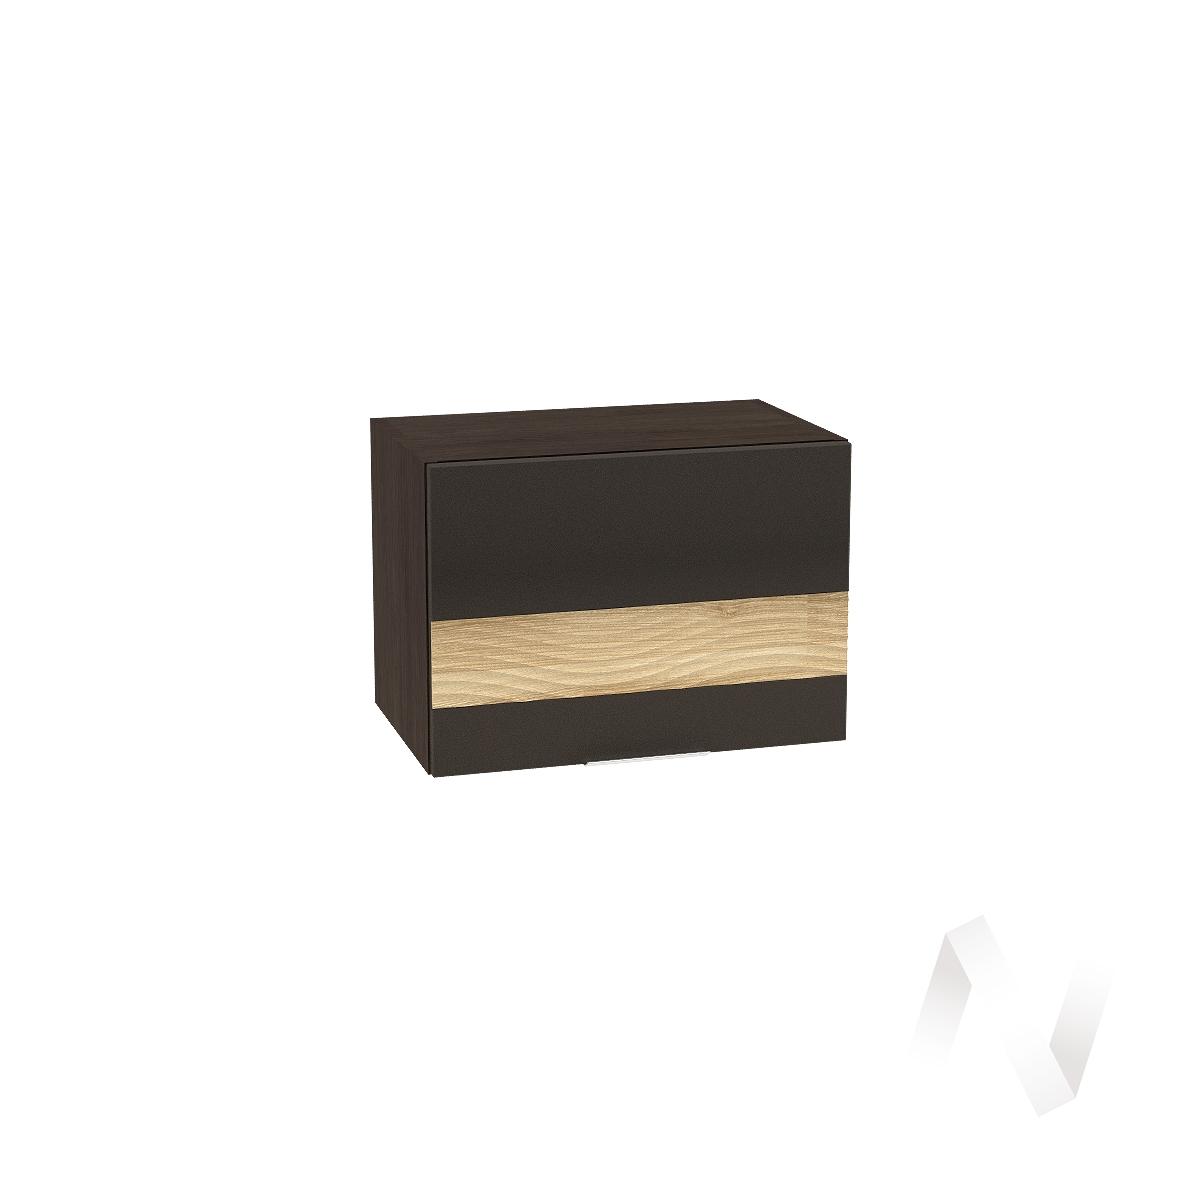 """Кухня """"Терра"""": Шкаф верхний горизонтальный 500, ШВГ 500 (смоки софт/ель карпатская/корпус венге)"""